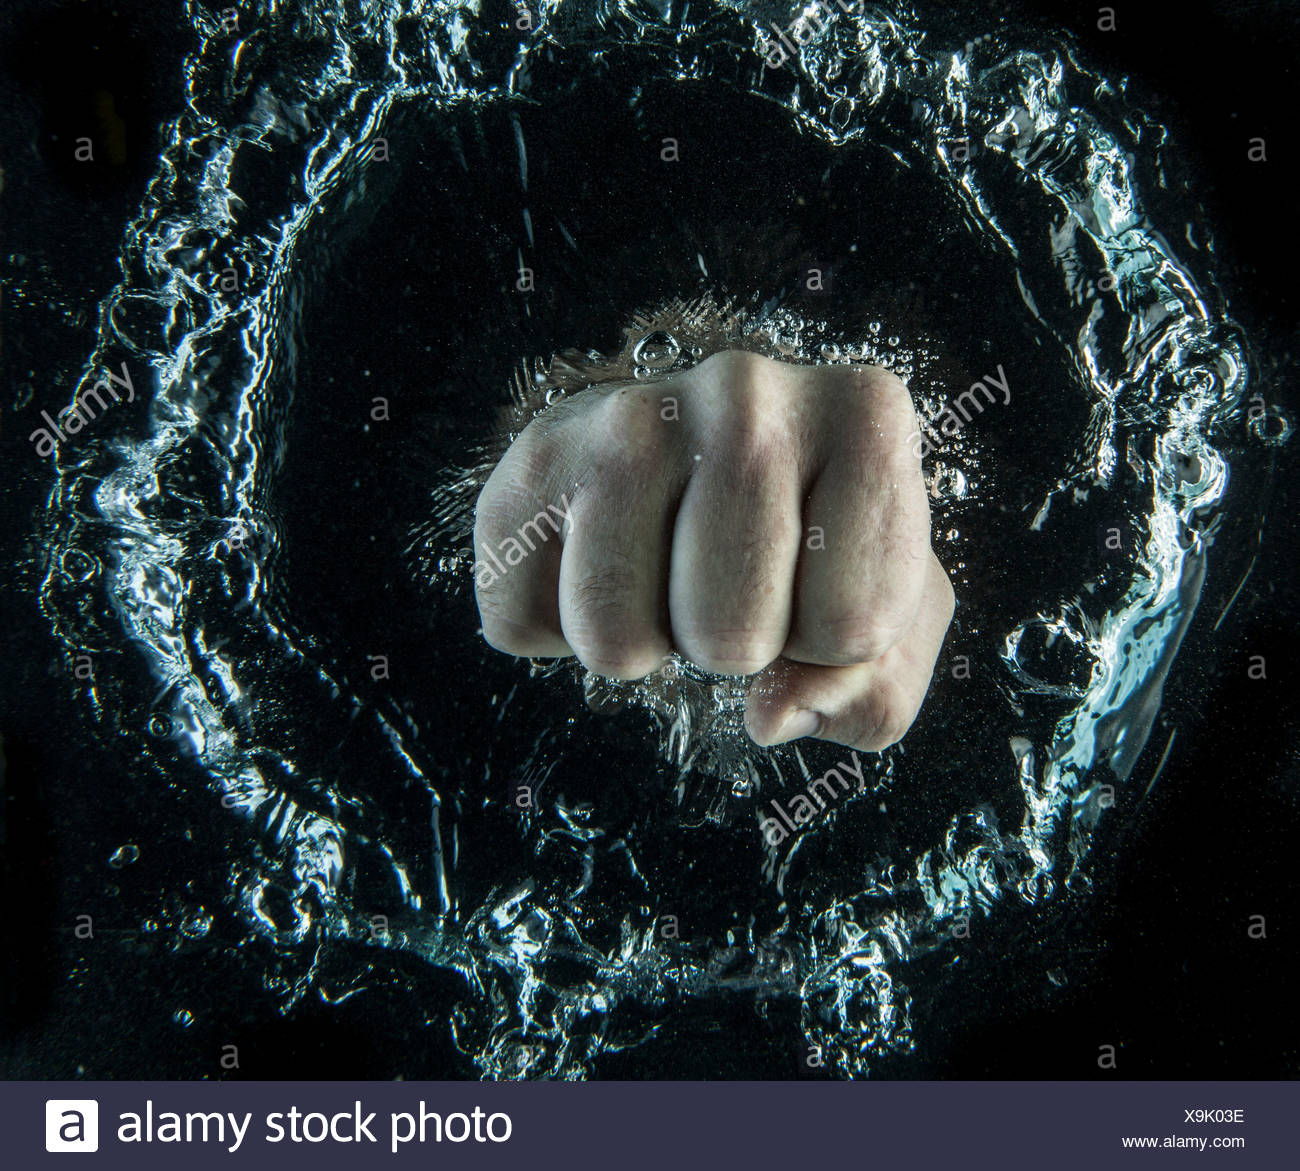 Cierre de puño bajo el agua Imagen De Stock